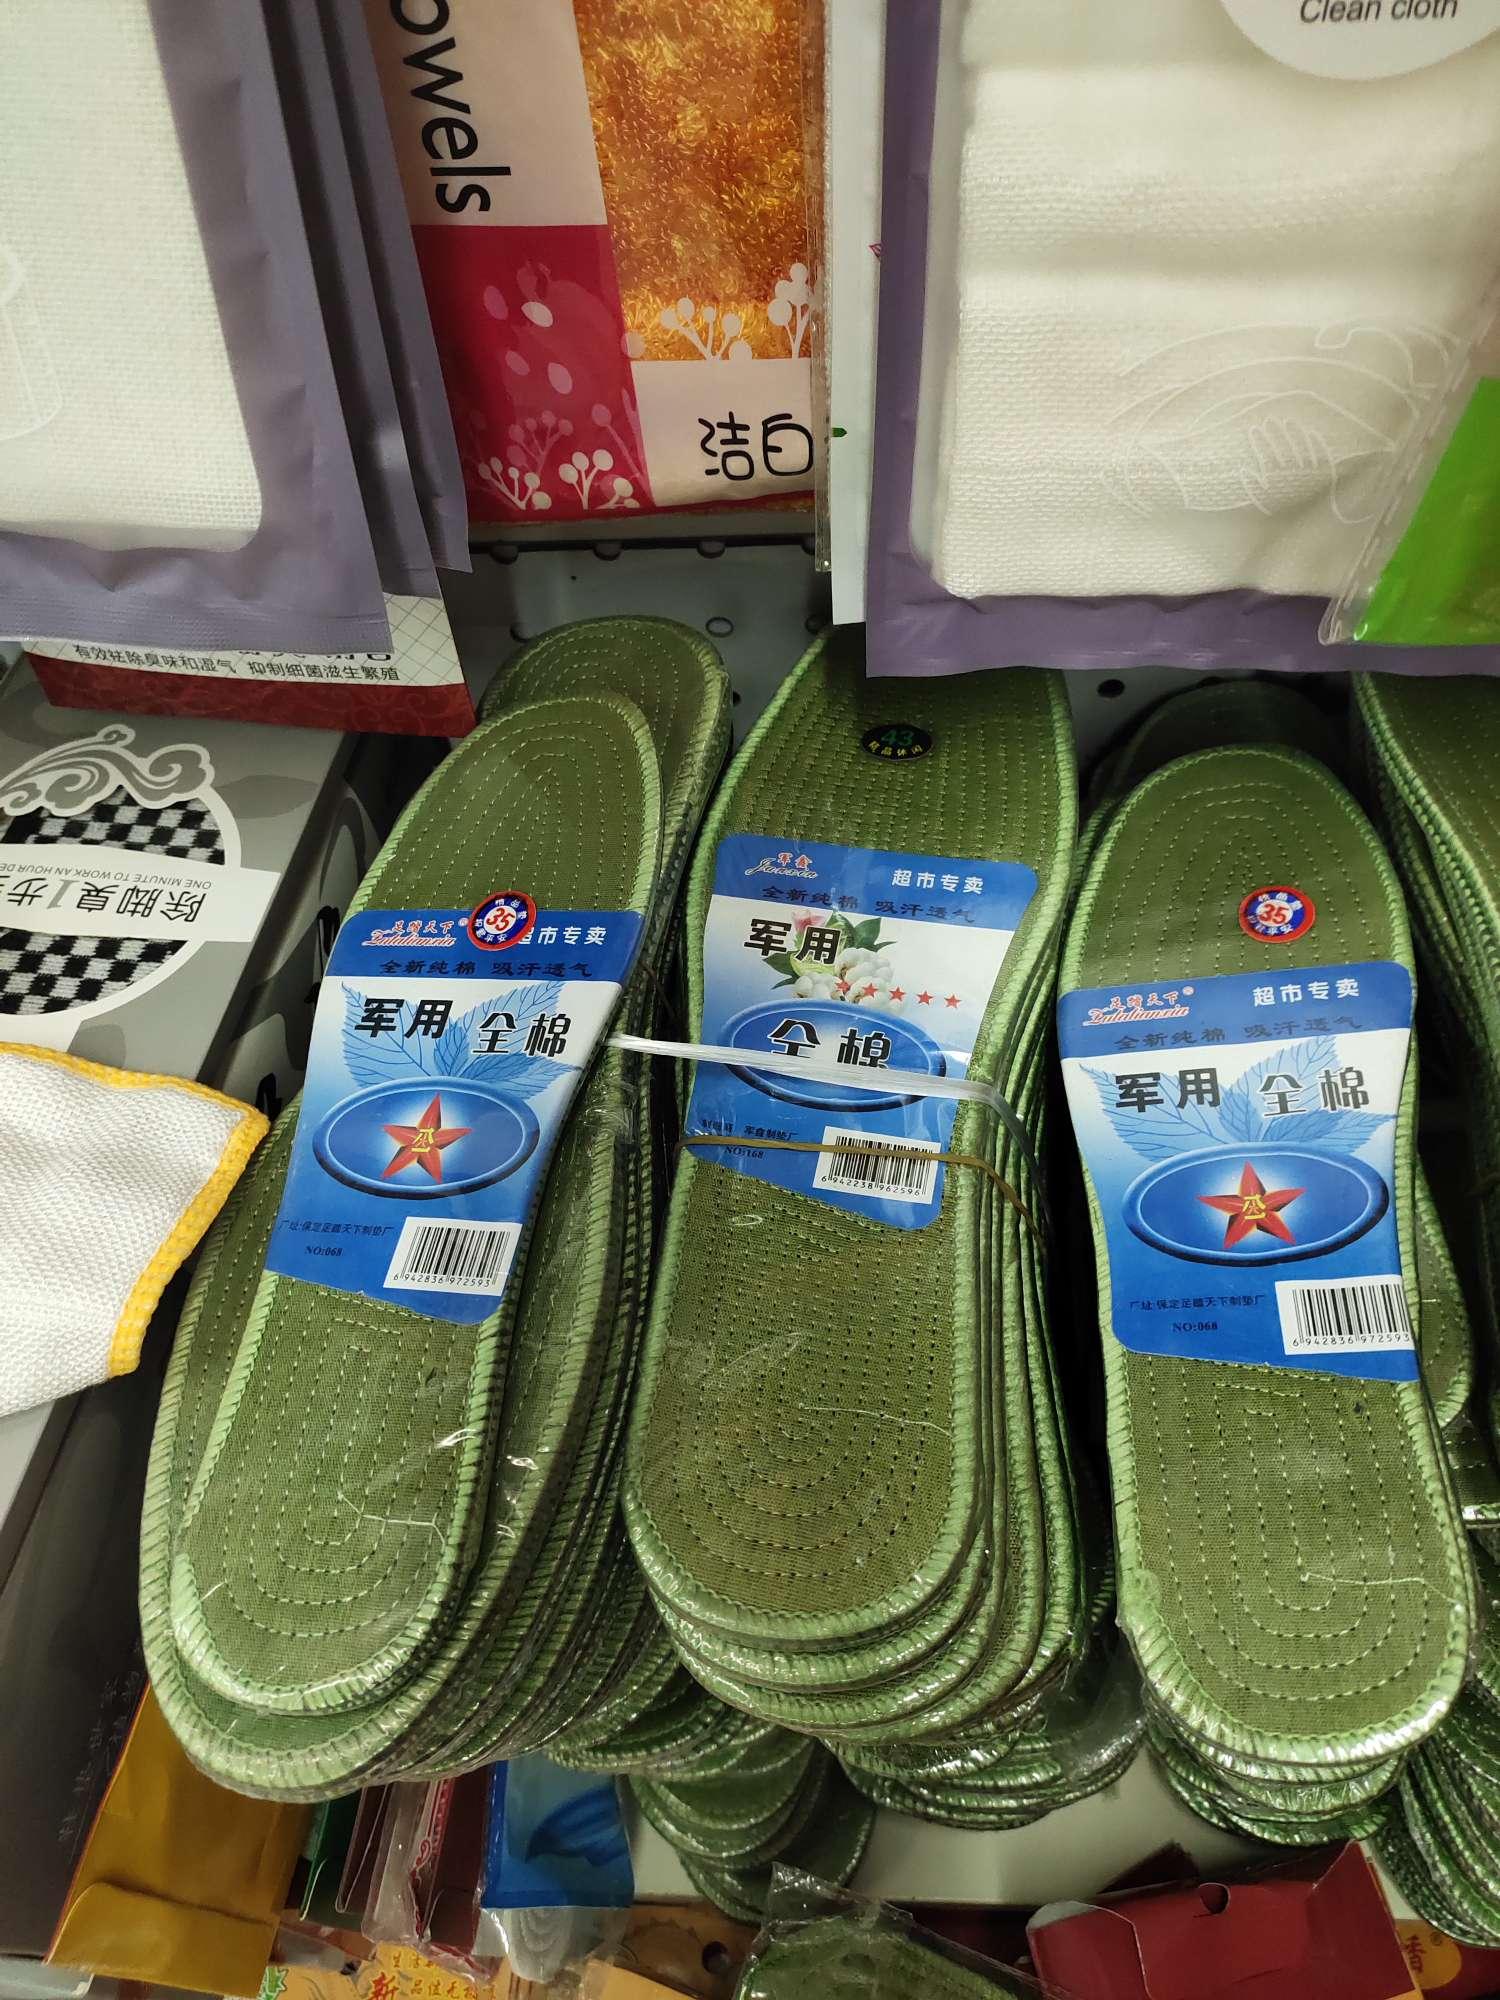 军绿男女士鞋垫 防滑吸汗防臭鞋垫 减震运动软底舒适纯棉透气鞋垫